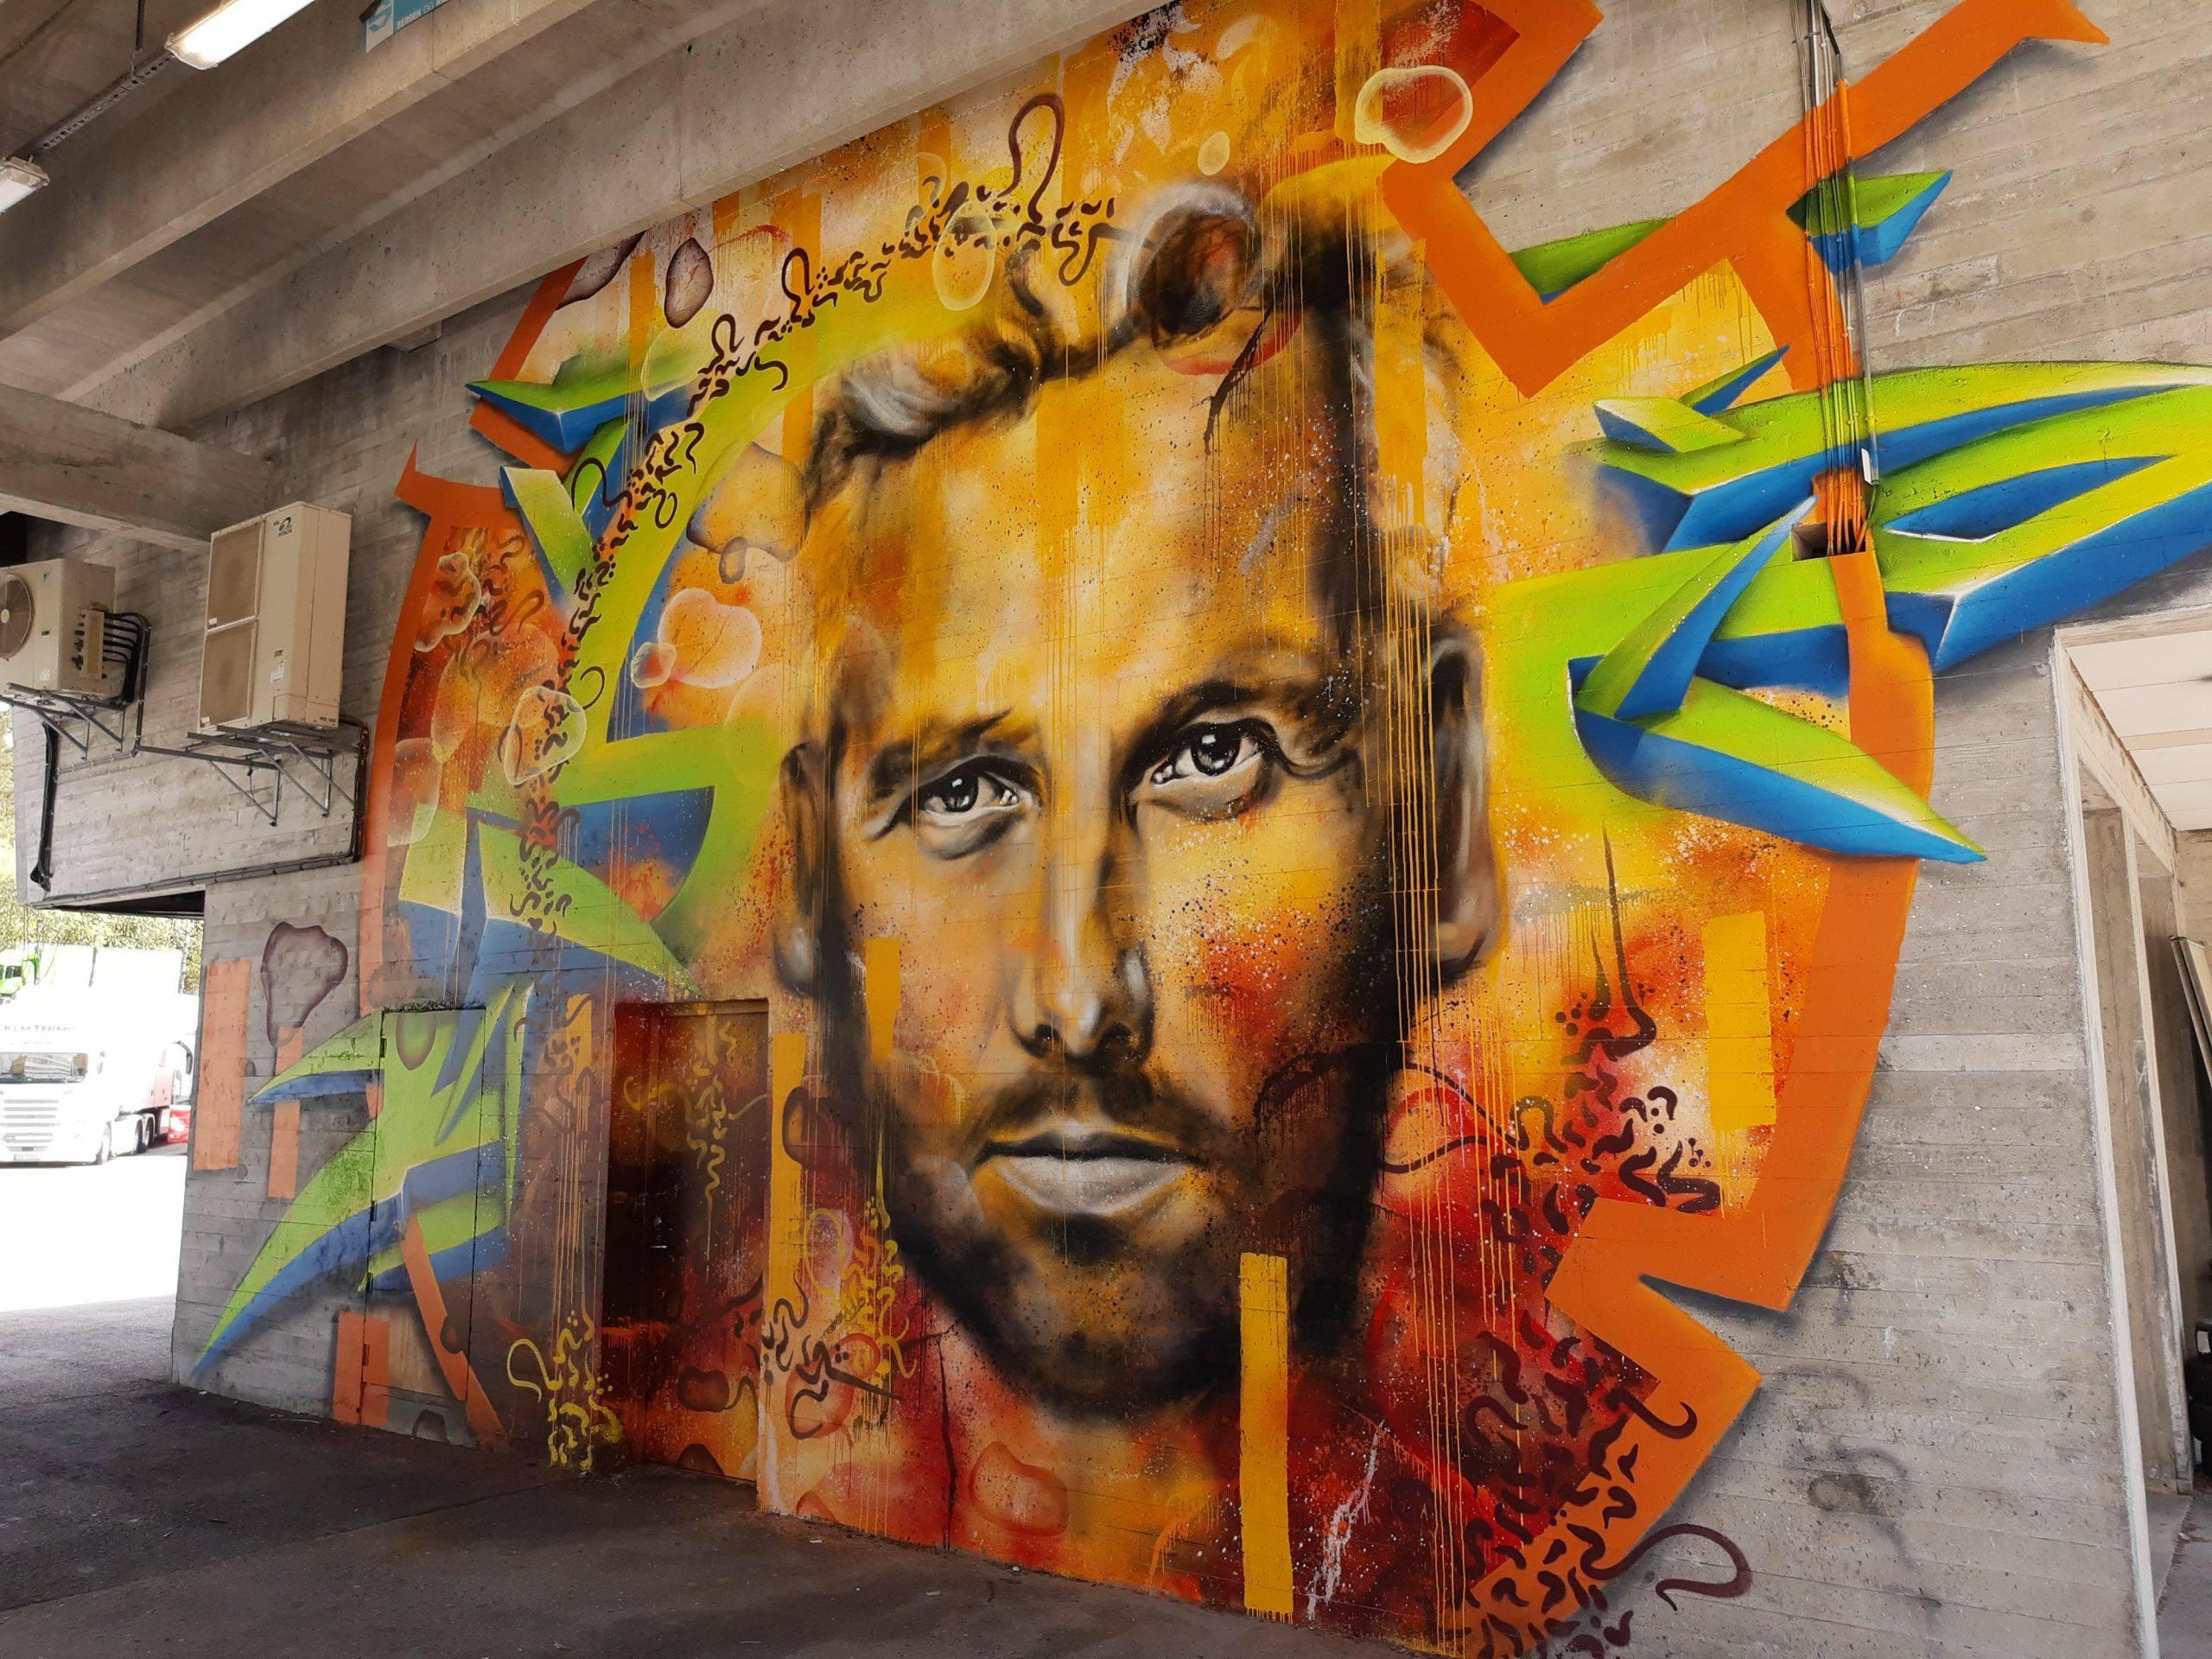 60 kvadratmeter mural av Ari Behn